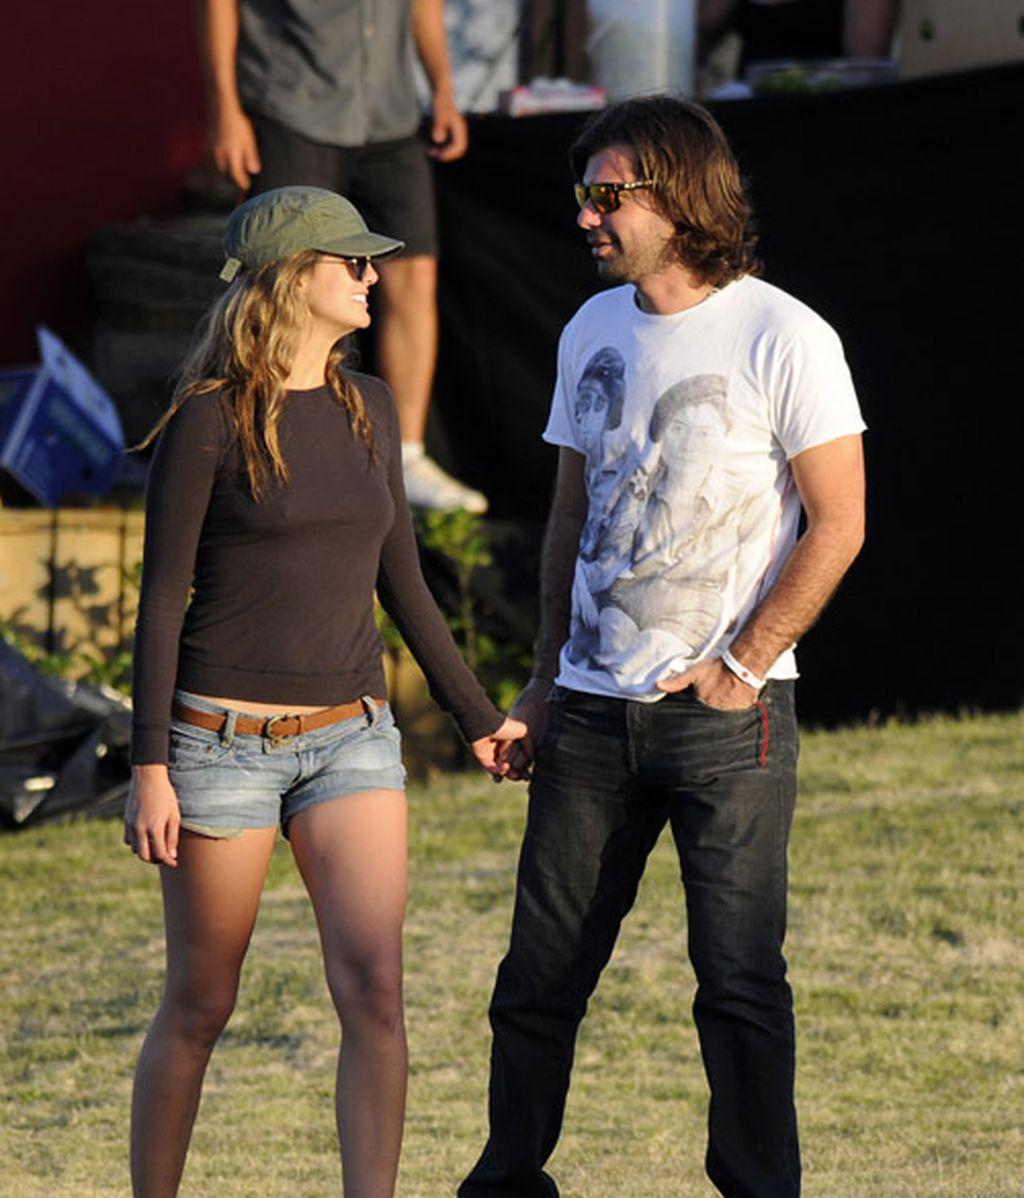 El ex de Shakira se enamora de una chica que conoció... en un concierto de Shakira